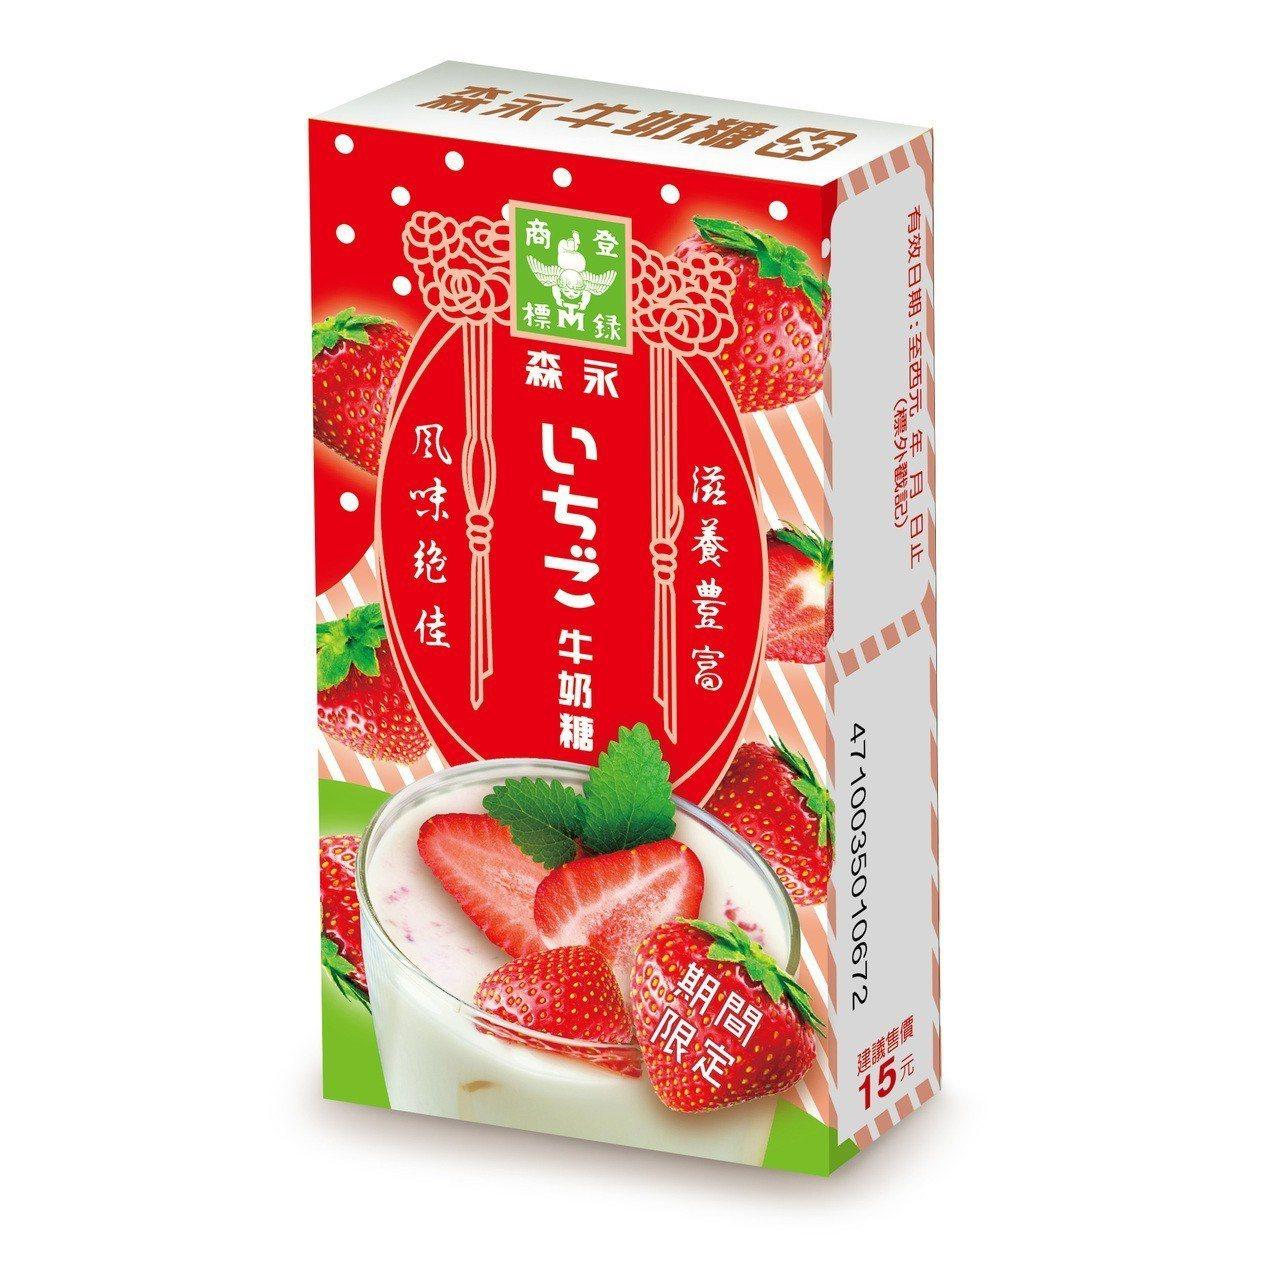 森永草莓牛奶糖,全家便利商店獨家販售,售價15元。圖/全家便利商店提供